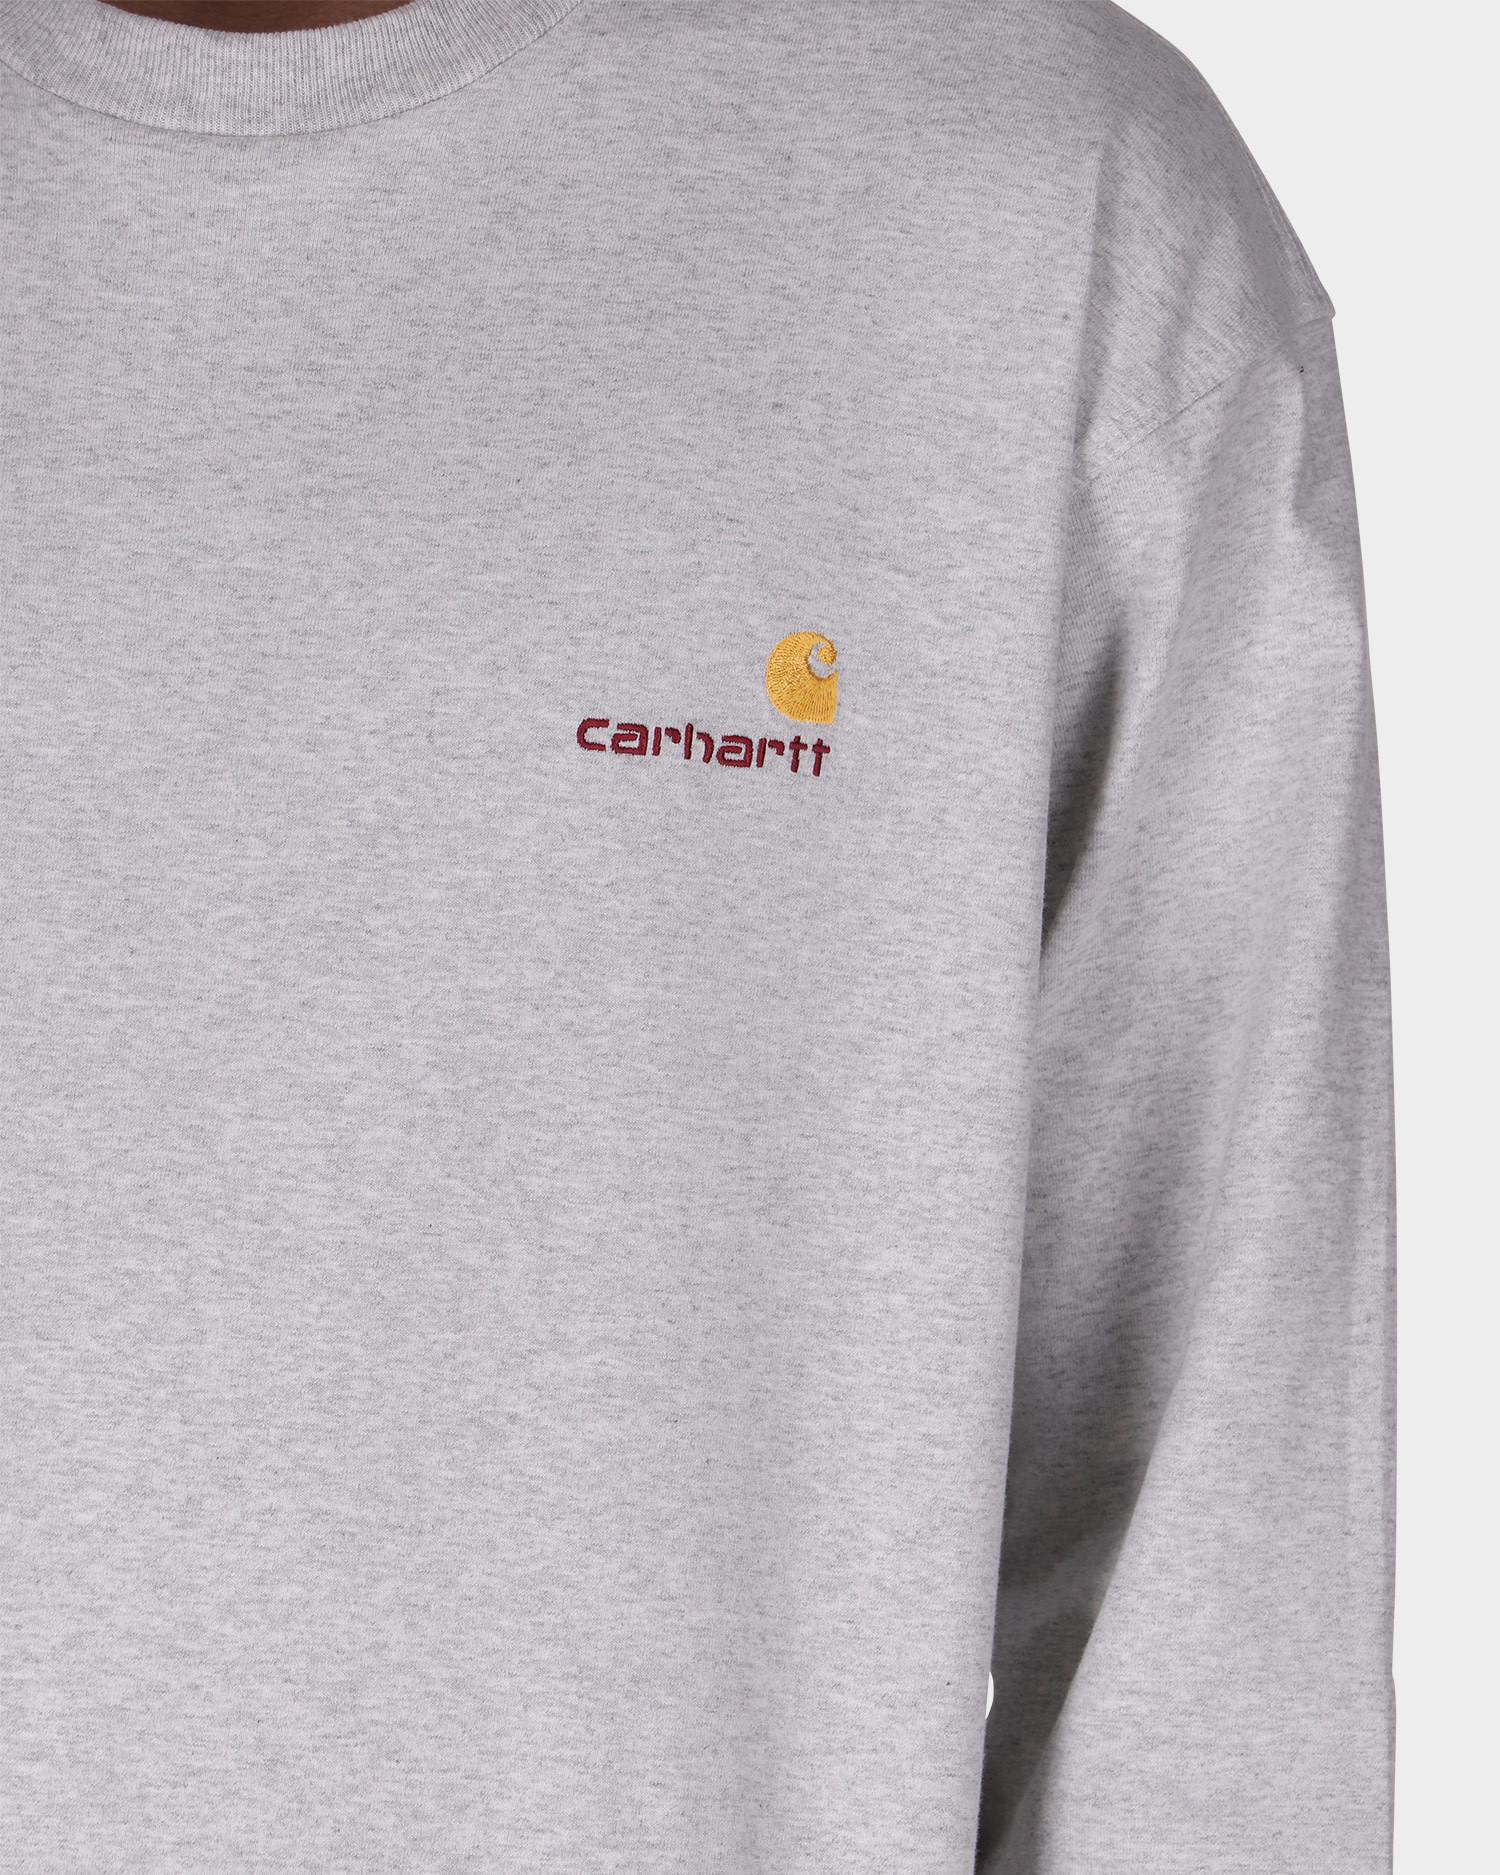 Carhartt American Script Longsleeve T-shirt Ash Heather